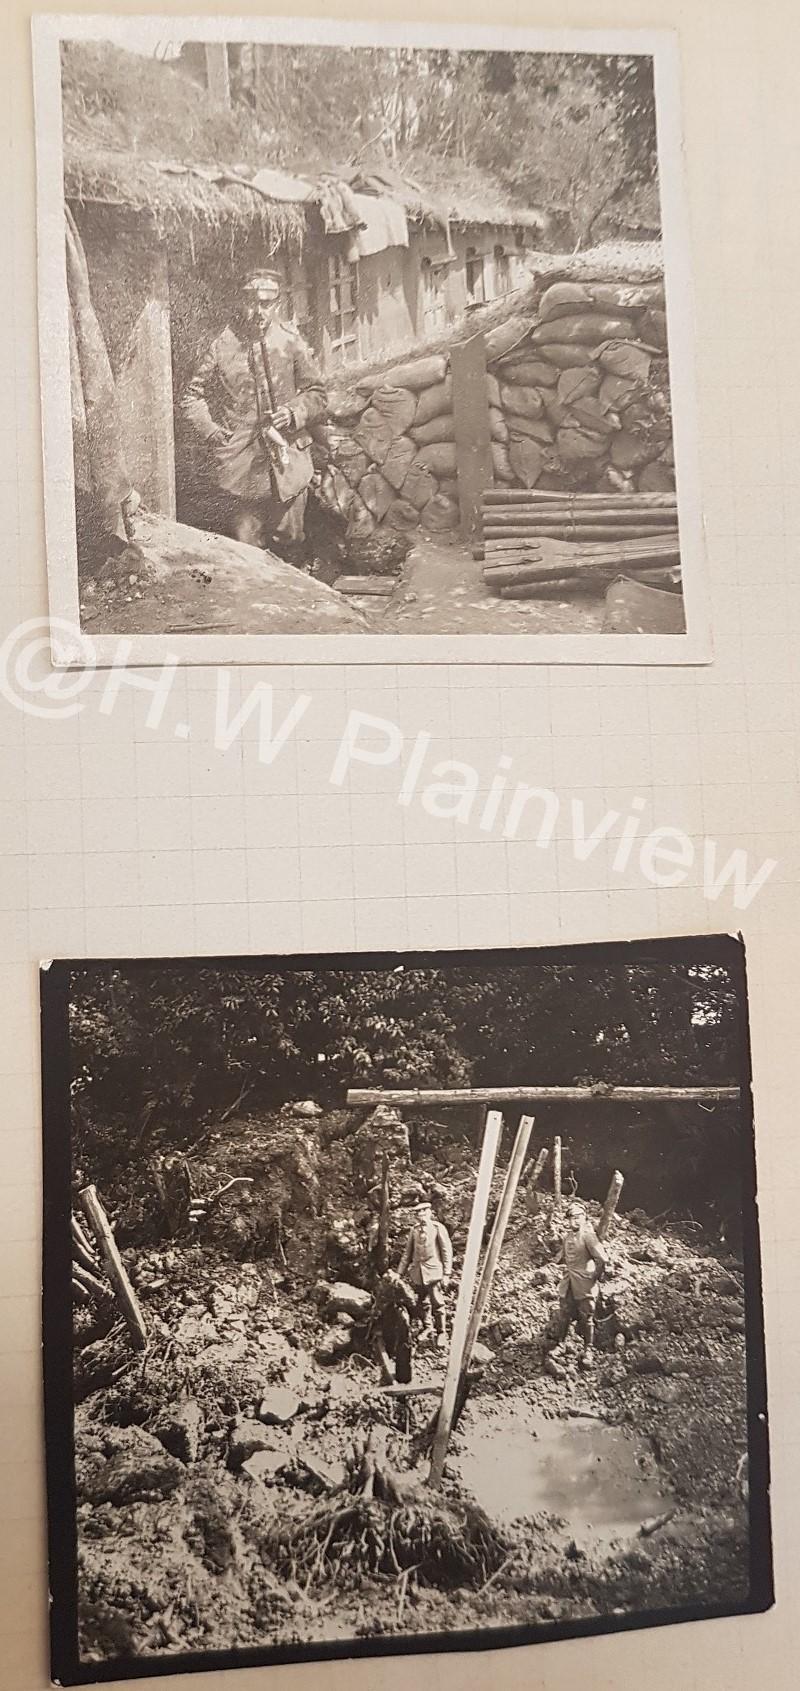 Souvenirs De Verdun (Photos WW1) 20200725